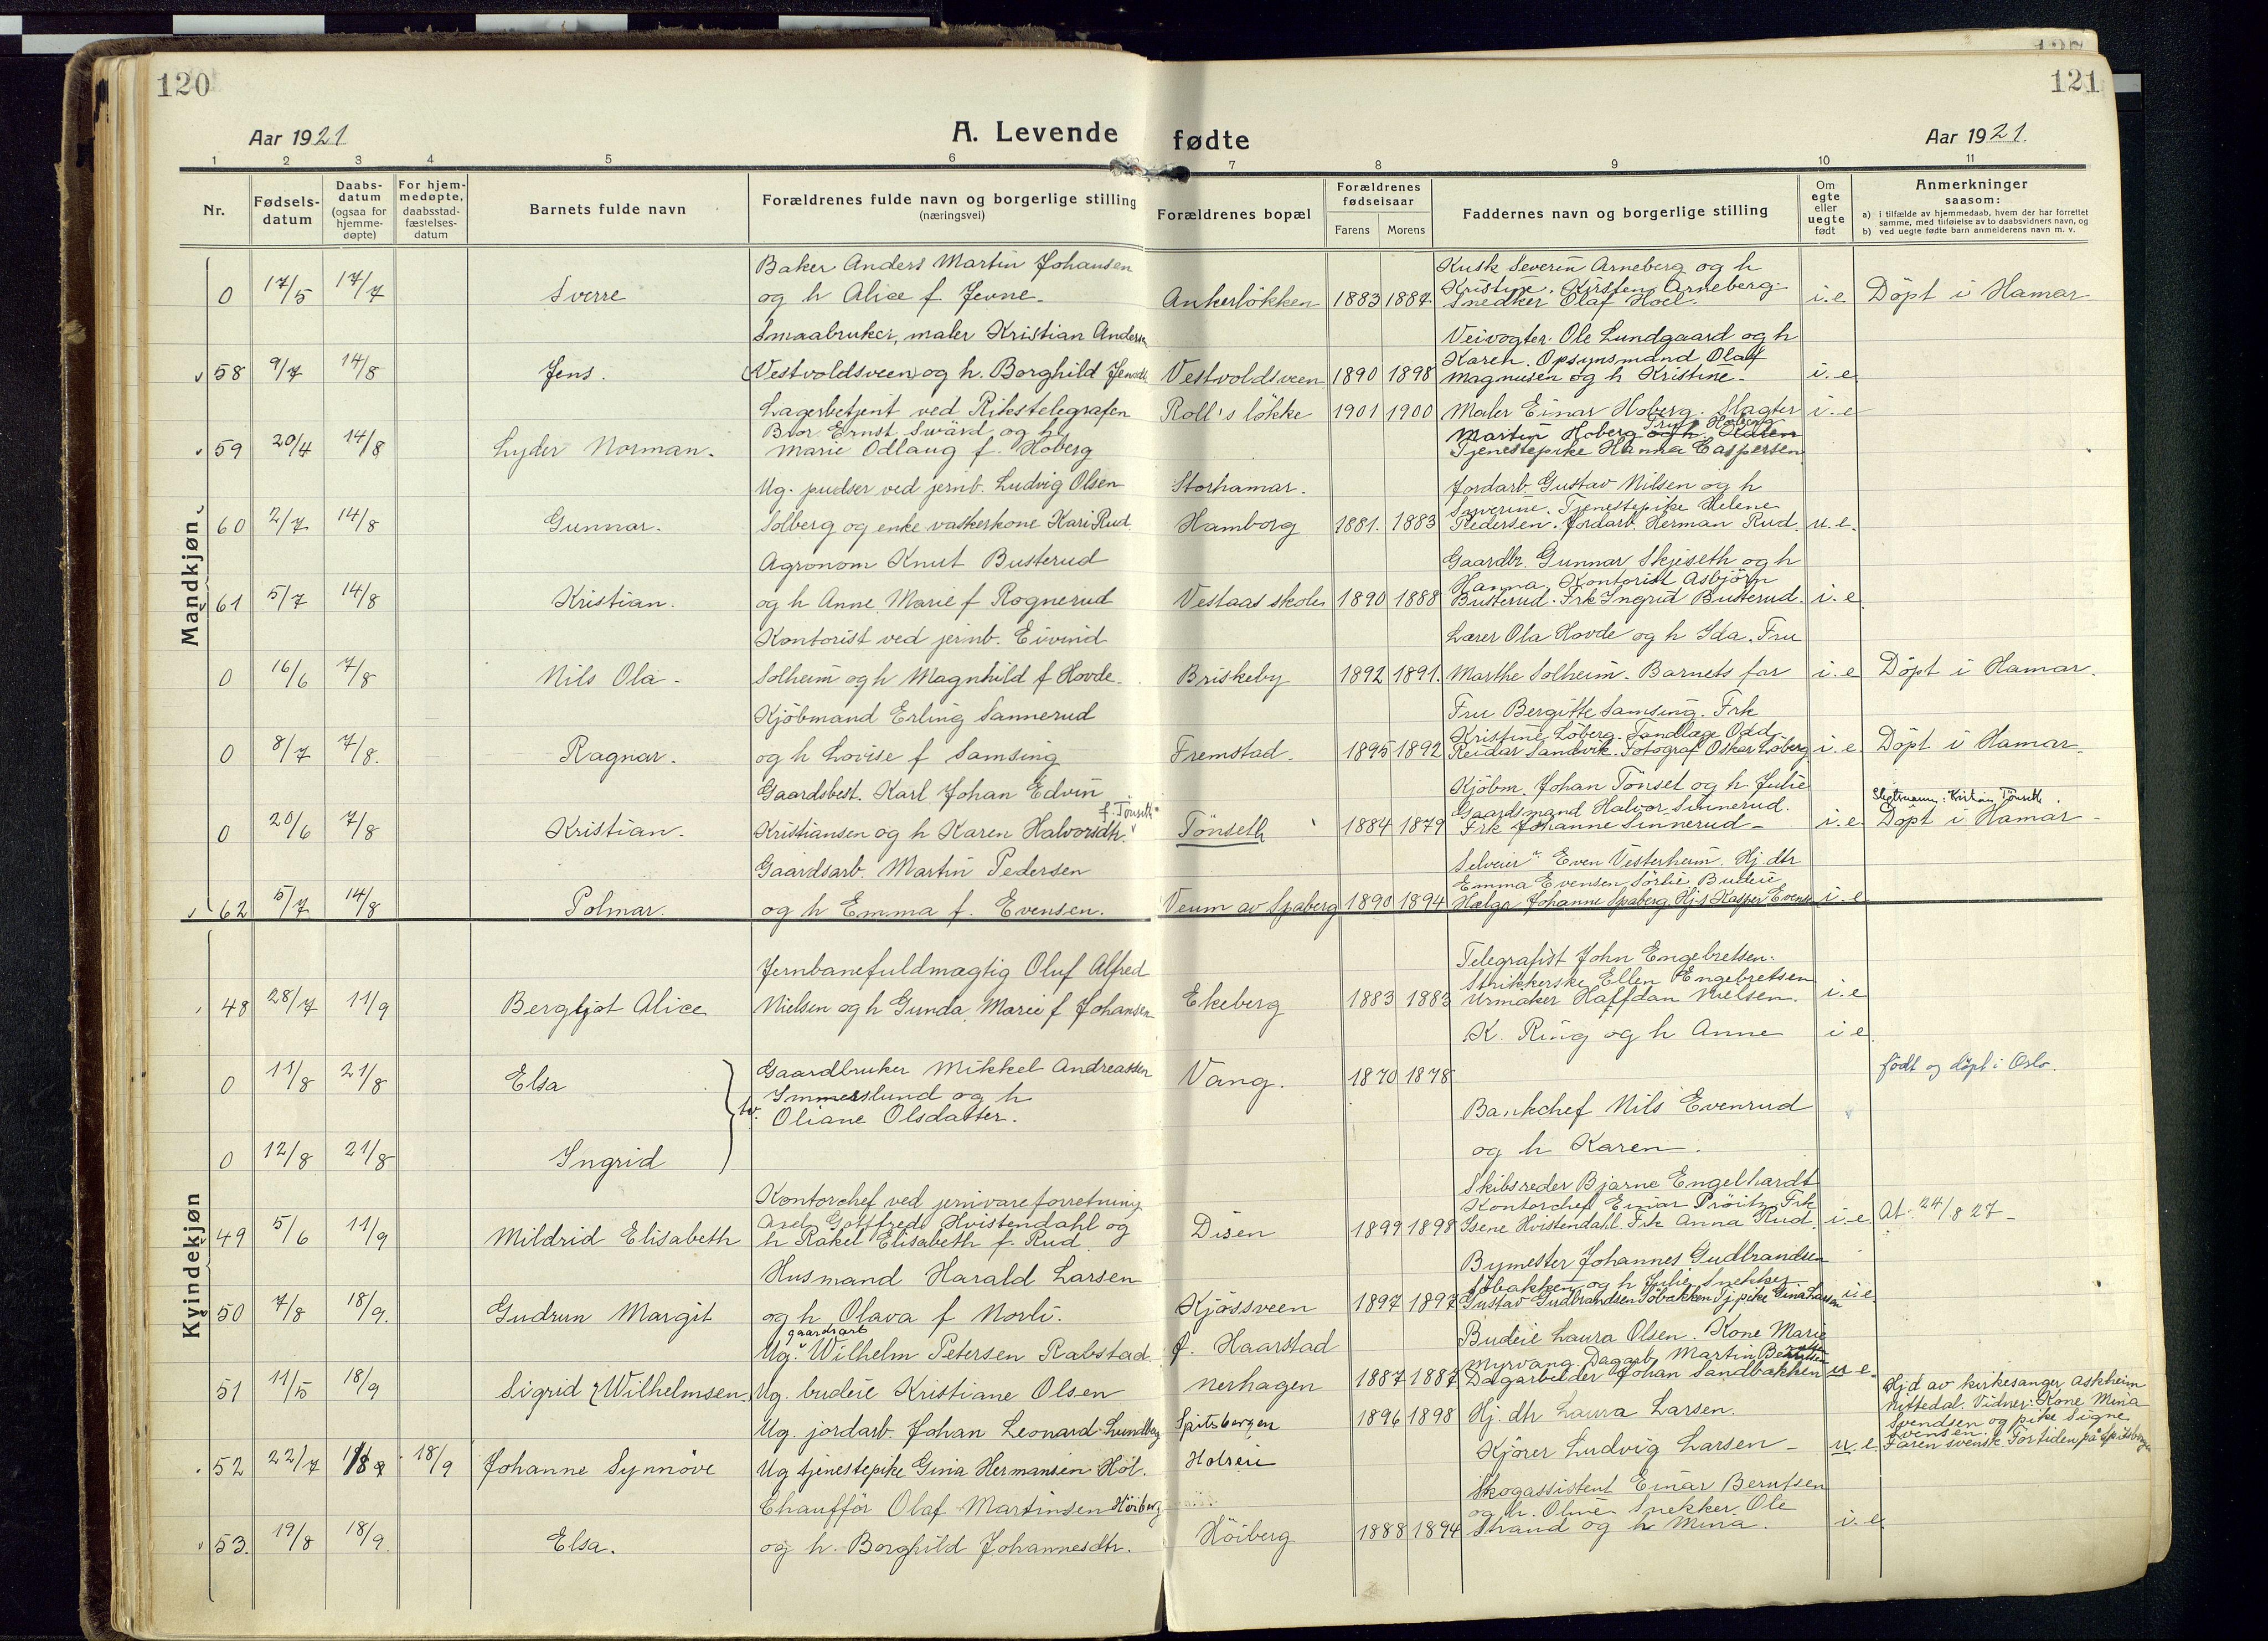 SAH, Vang prestekontor, Hedmark, H/Ha/Haa/L0022: Ministerialbok nr. 22, 1918-1944, s. 120-121